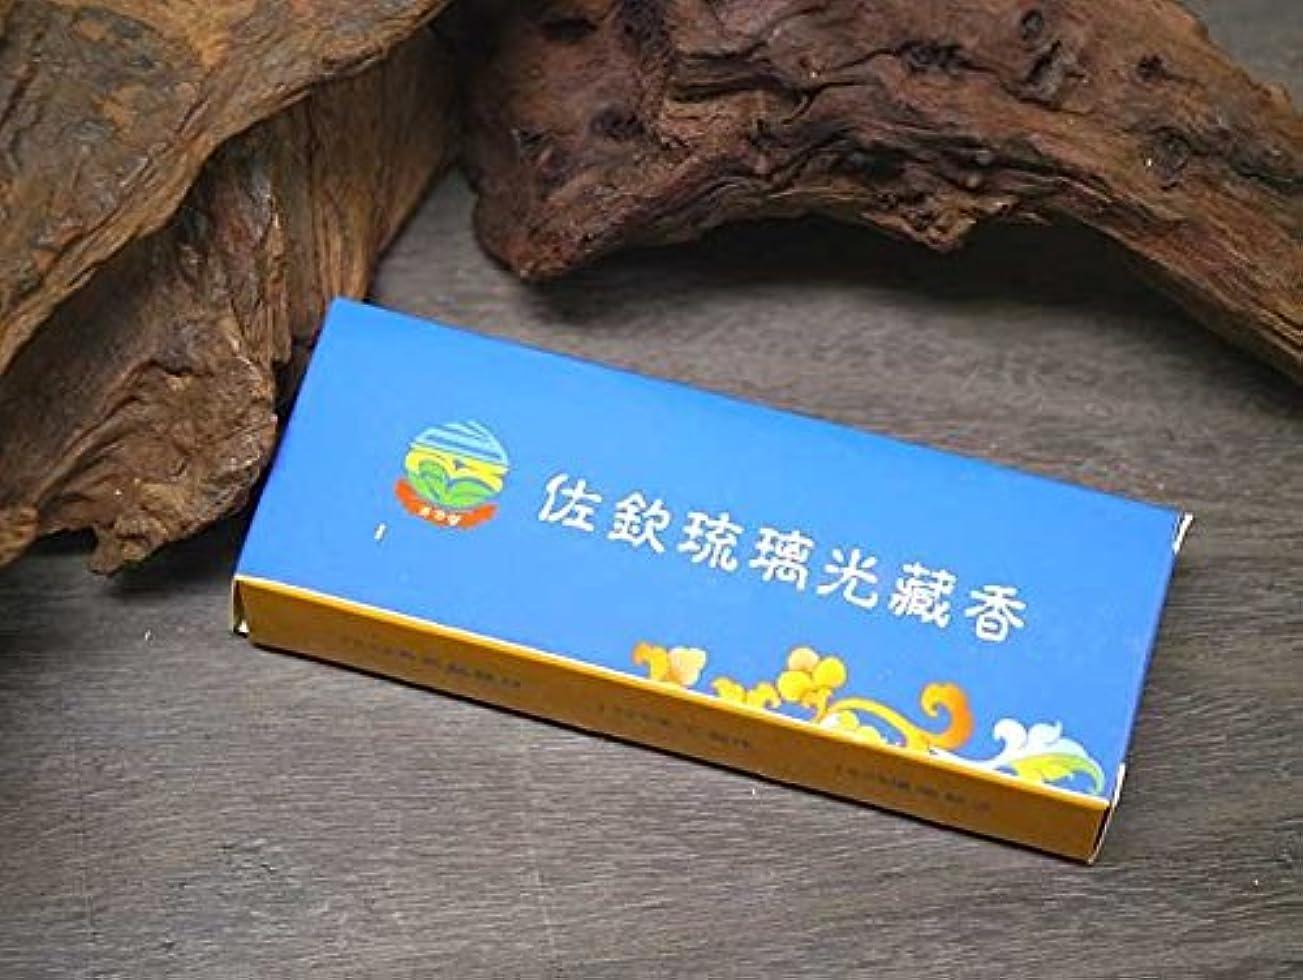 誘惑ポインタ強化中国香 甘孜チベット自治州にある慈善医院のお香【佐欽琉璃光蔵香】